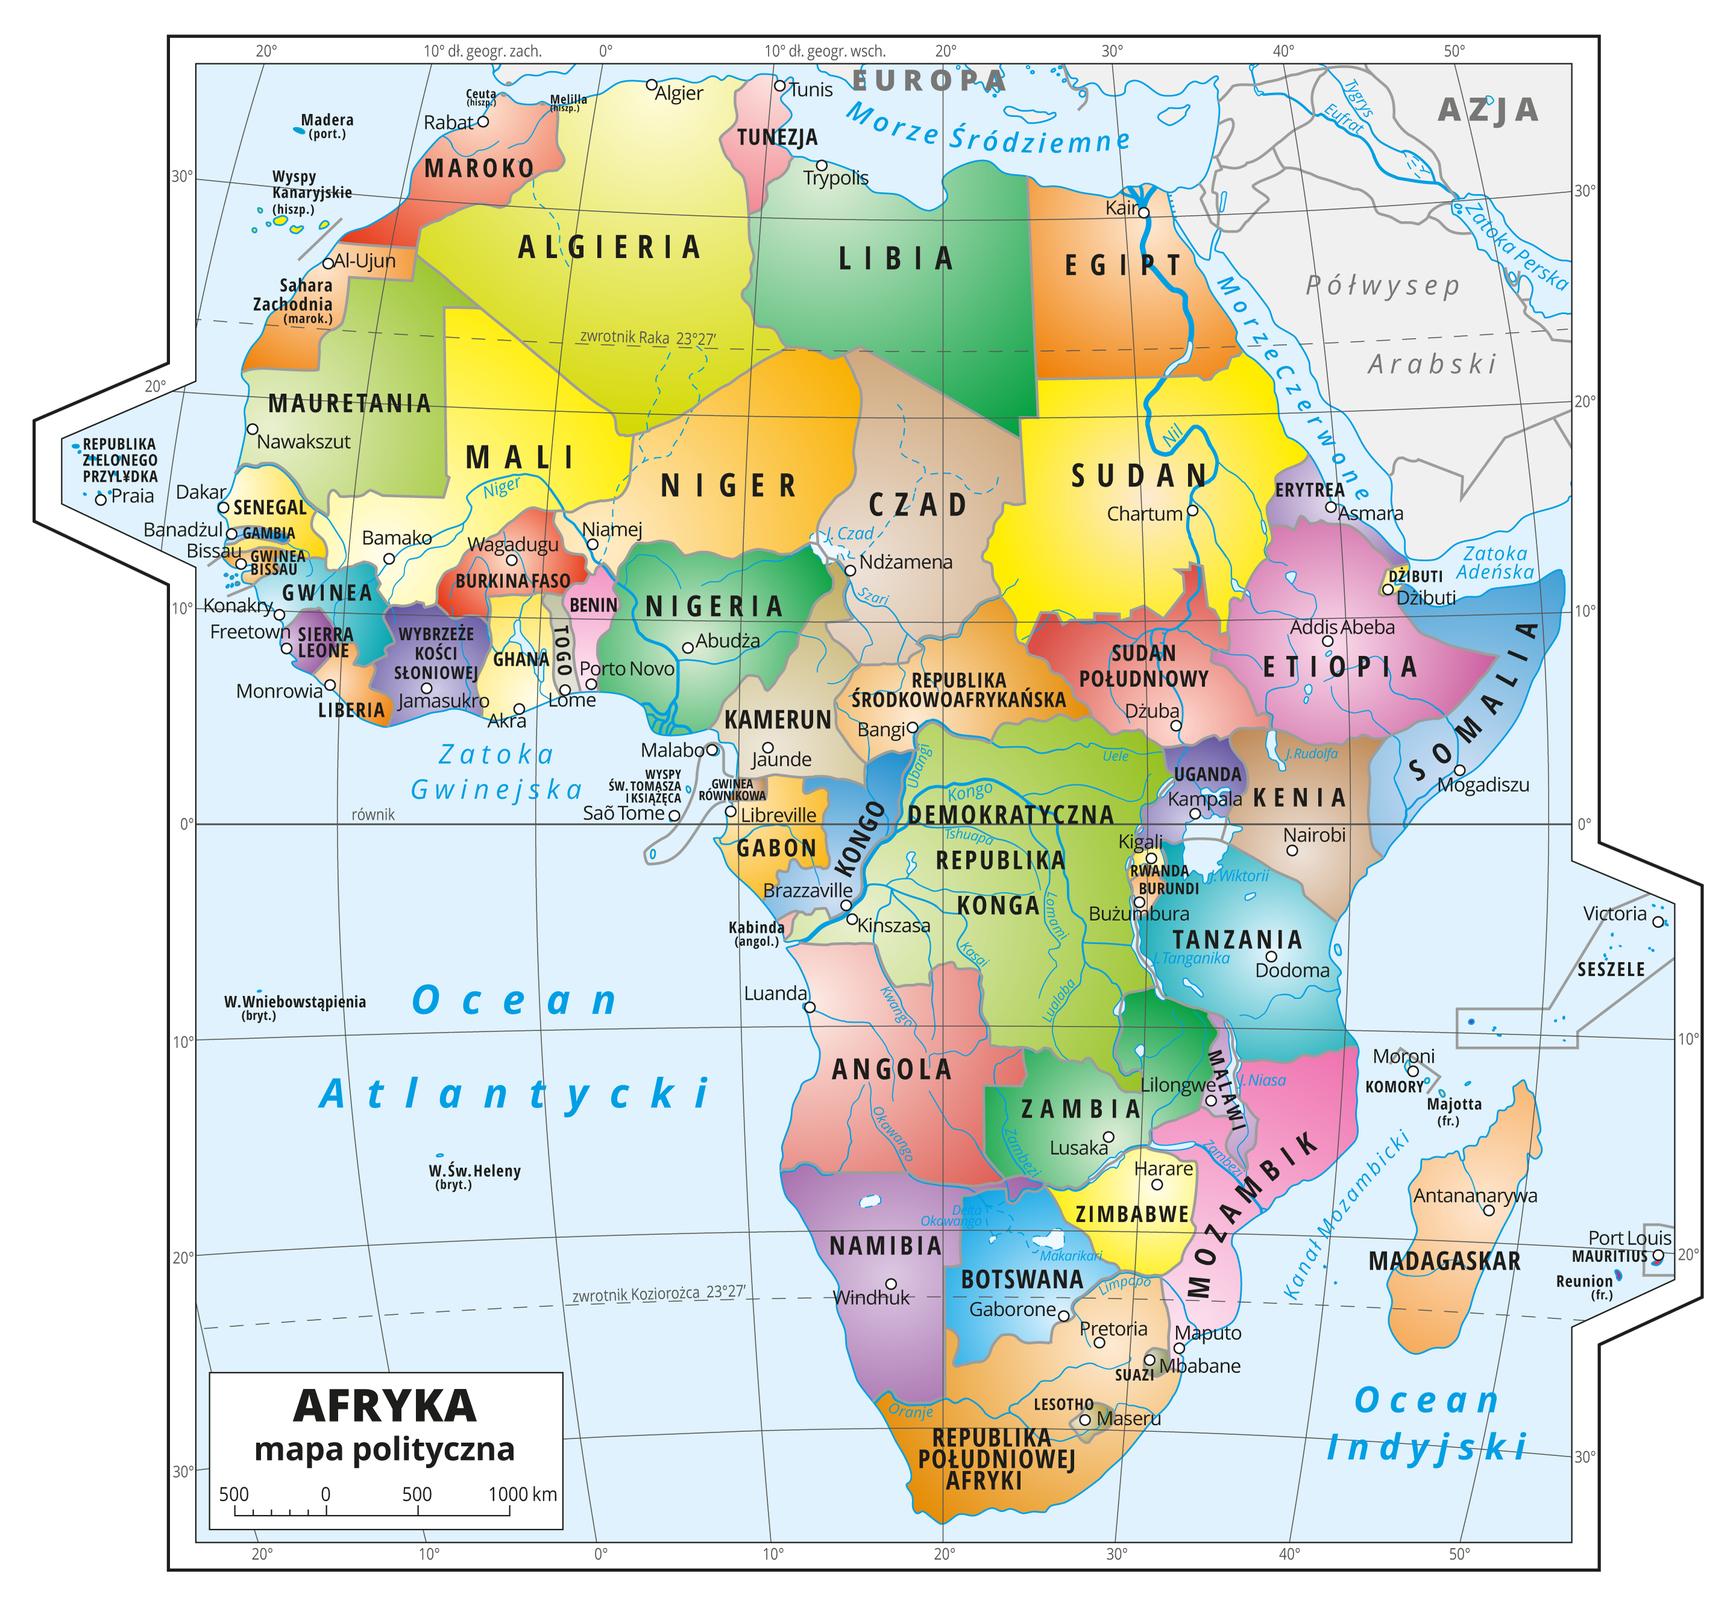 Ilustracja przedstawia mapę polityczną Afryki. Państwa wyróżnione kolorami iopisane. Oznaczono iopisano stolice. Morza zaznaczono kolorem niebieskim iopisano. Mapa pokryta jest równoleżnikami ipołudnikami. Dookoła mapy wbiałej ramce opisano współrzędne geograficzne co dziesięć stopni.